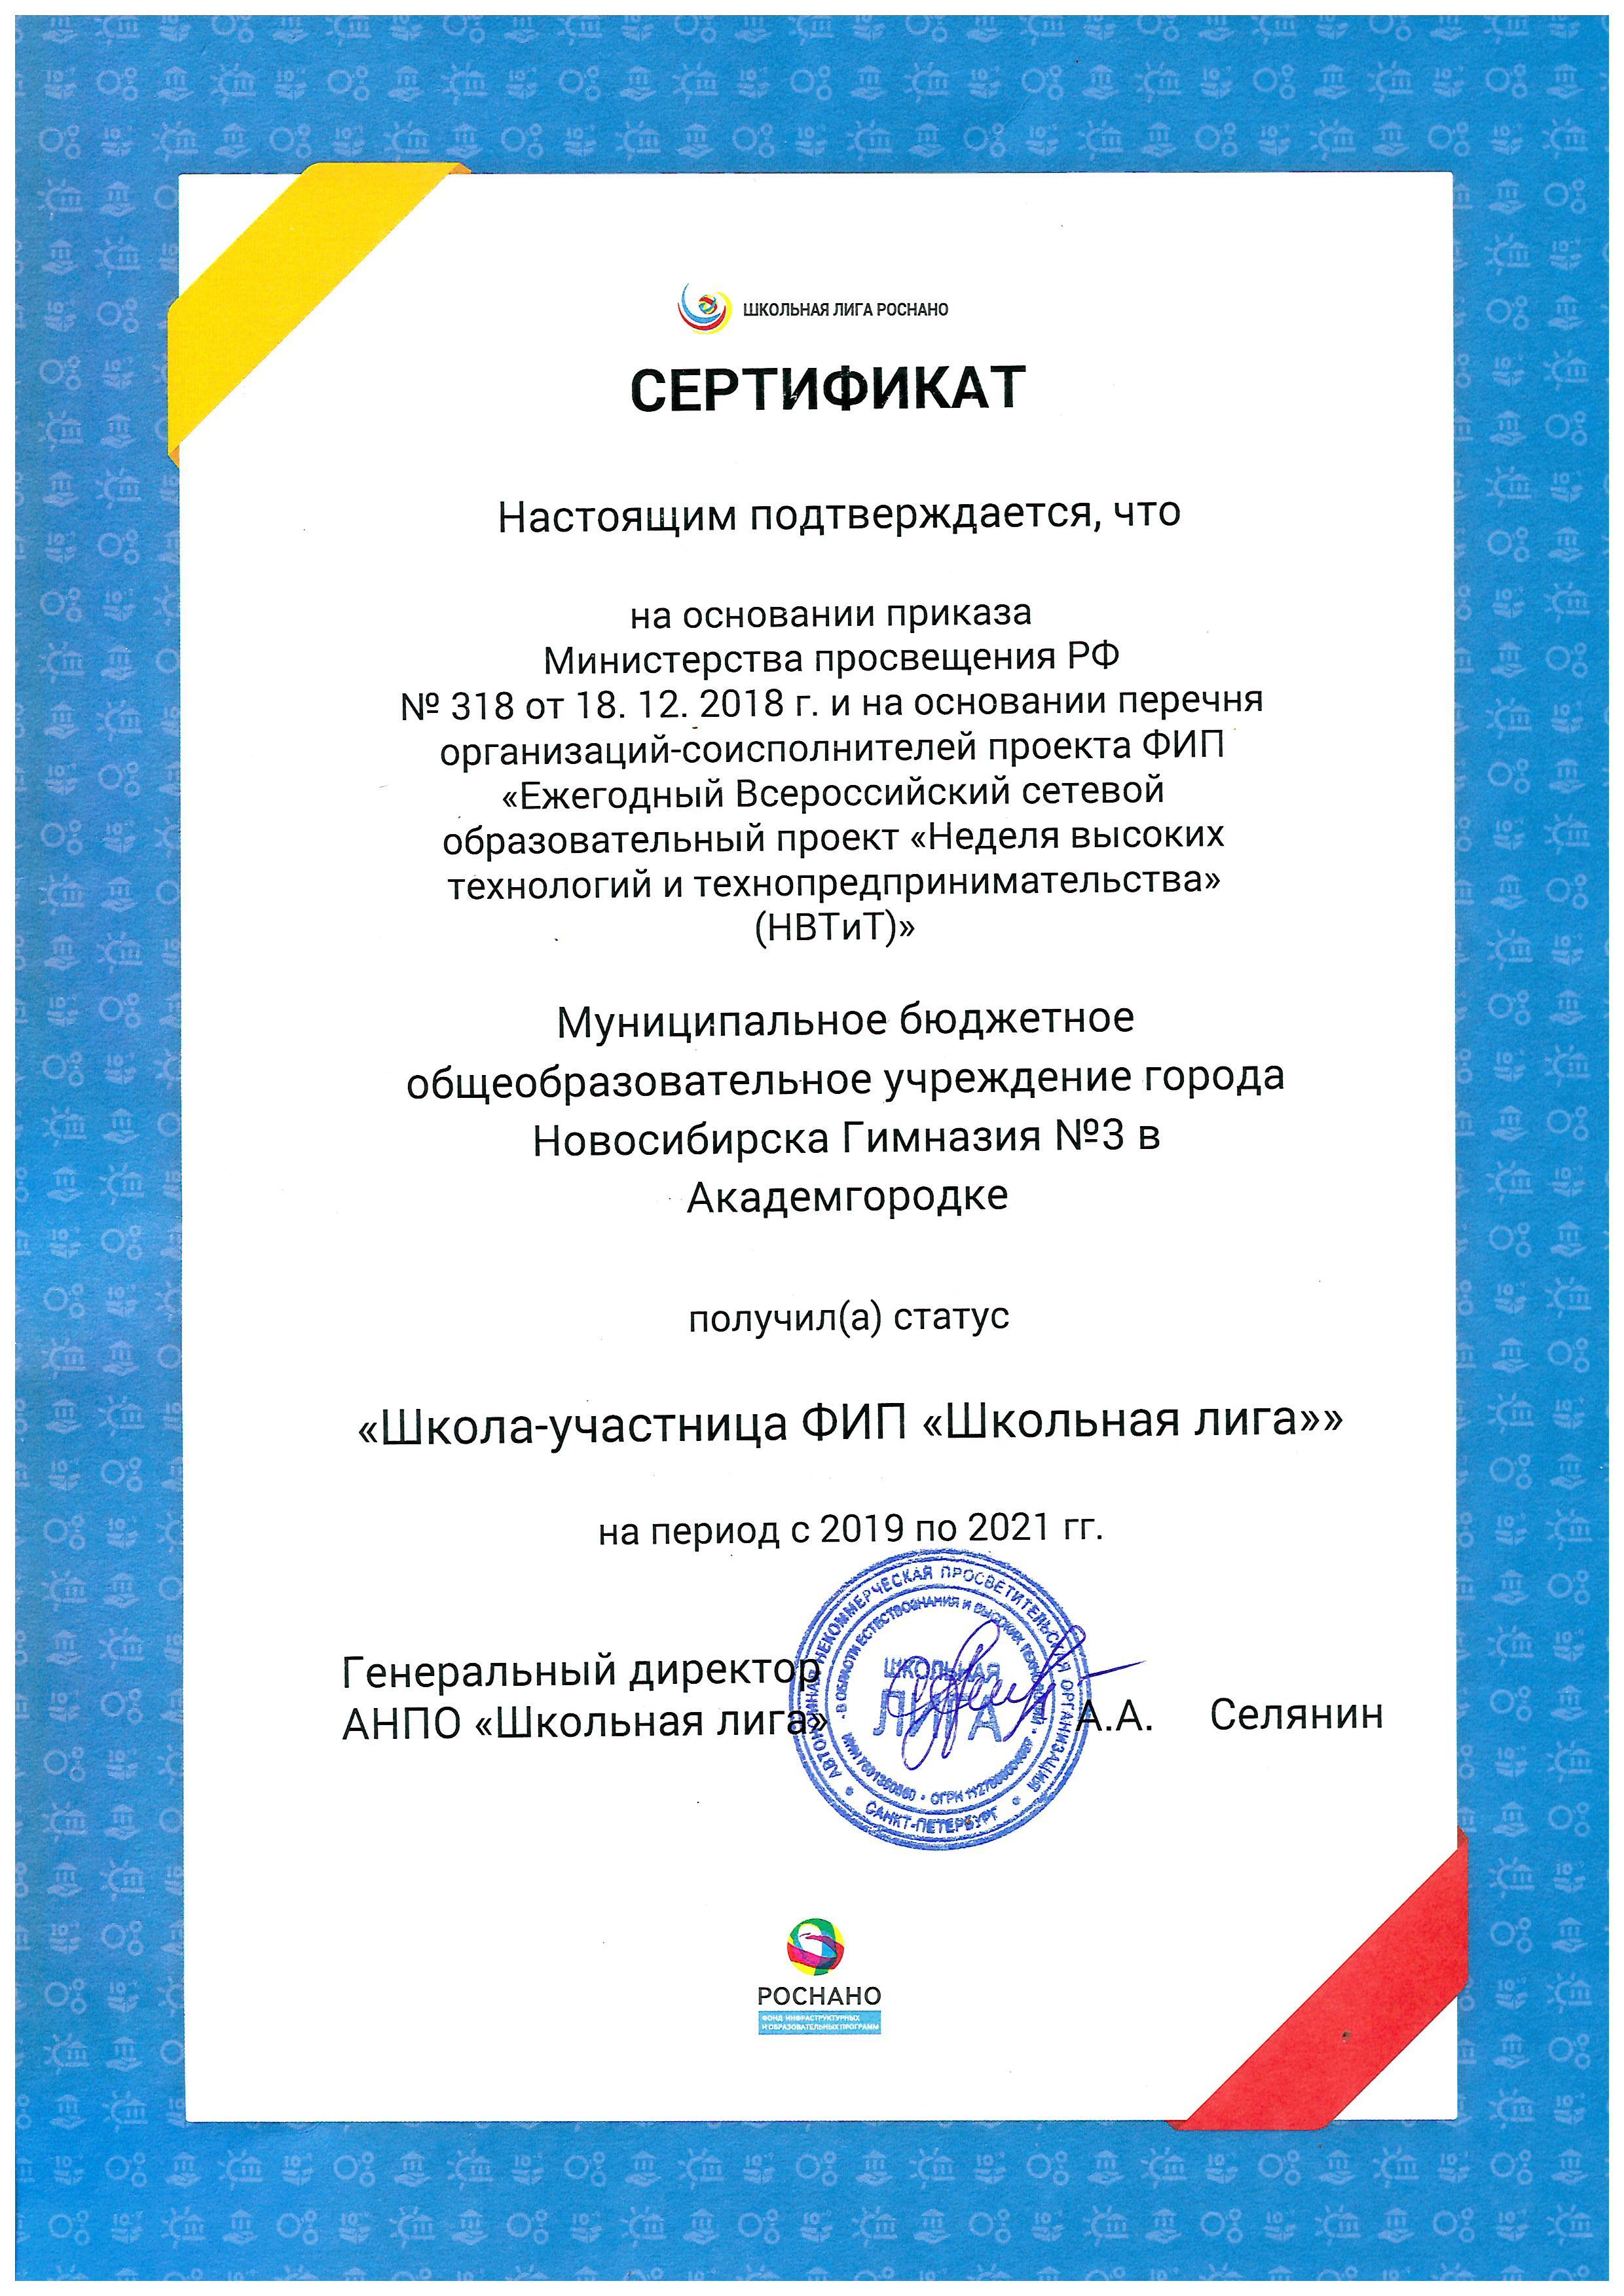 сертификат МБОУ гимназия № 3 в Академгородке - участница федеральной инновационной площадки